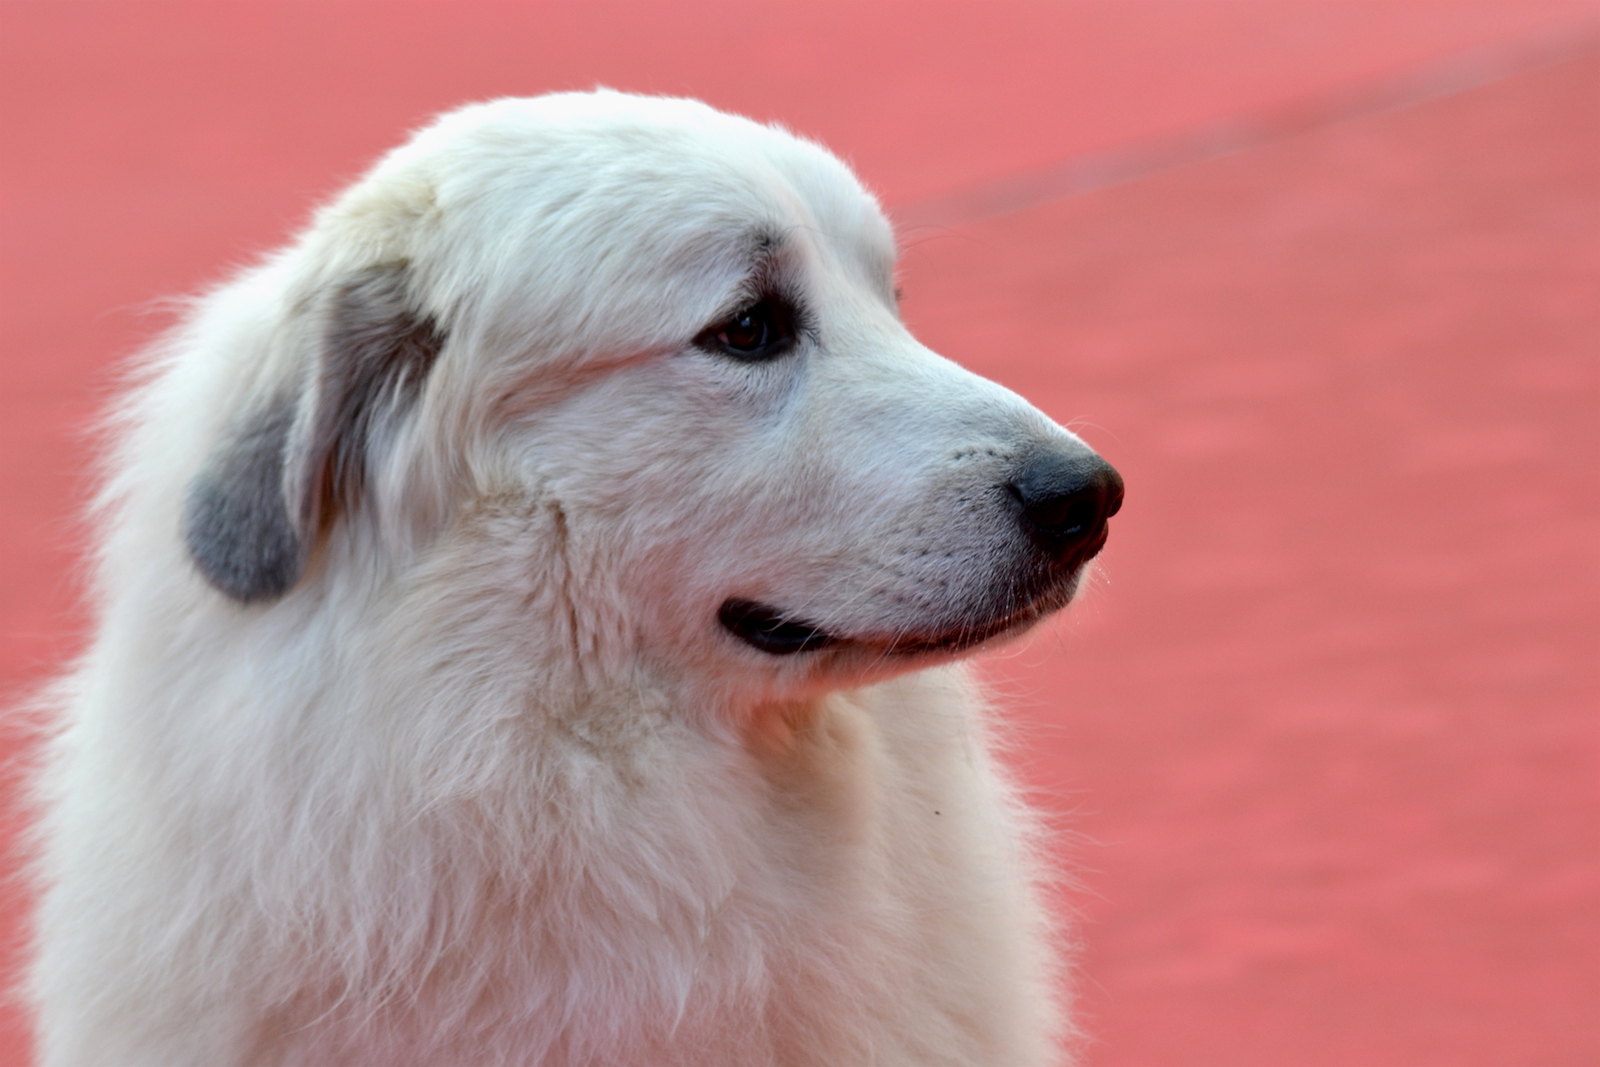 Roma 2015: Il cane Belle sul red carpet di Belle & Sèbastien, l'avventura continua